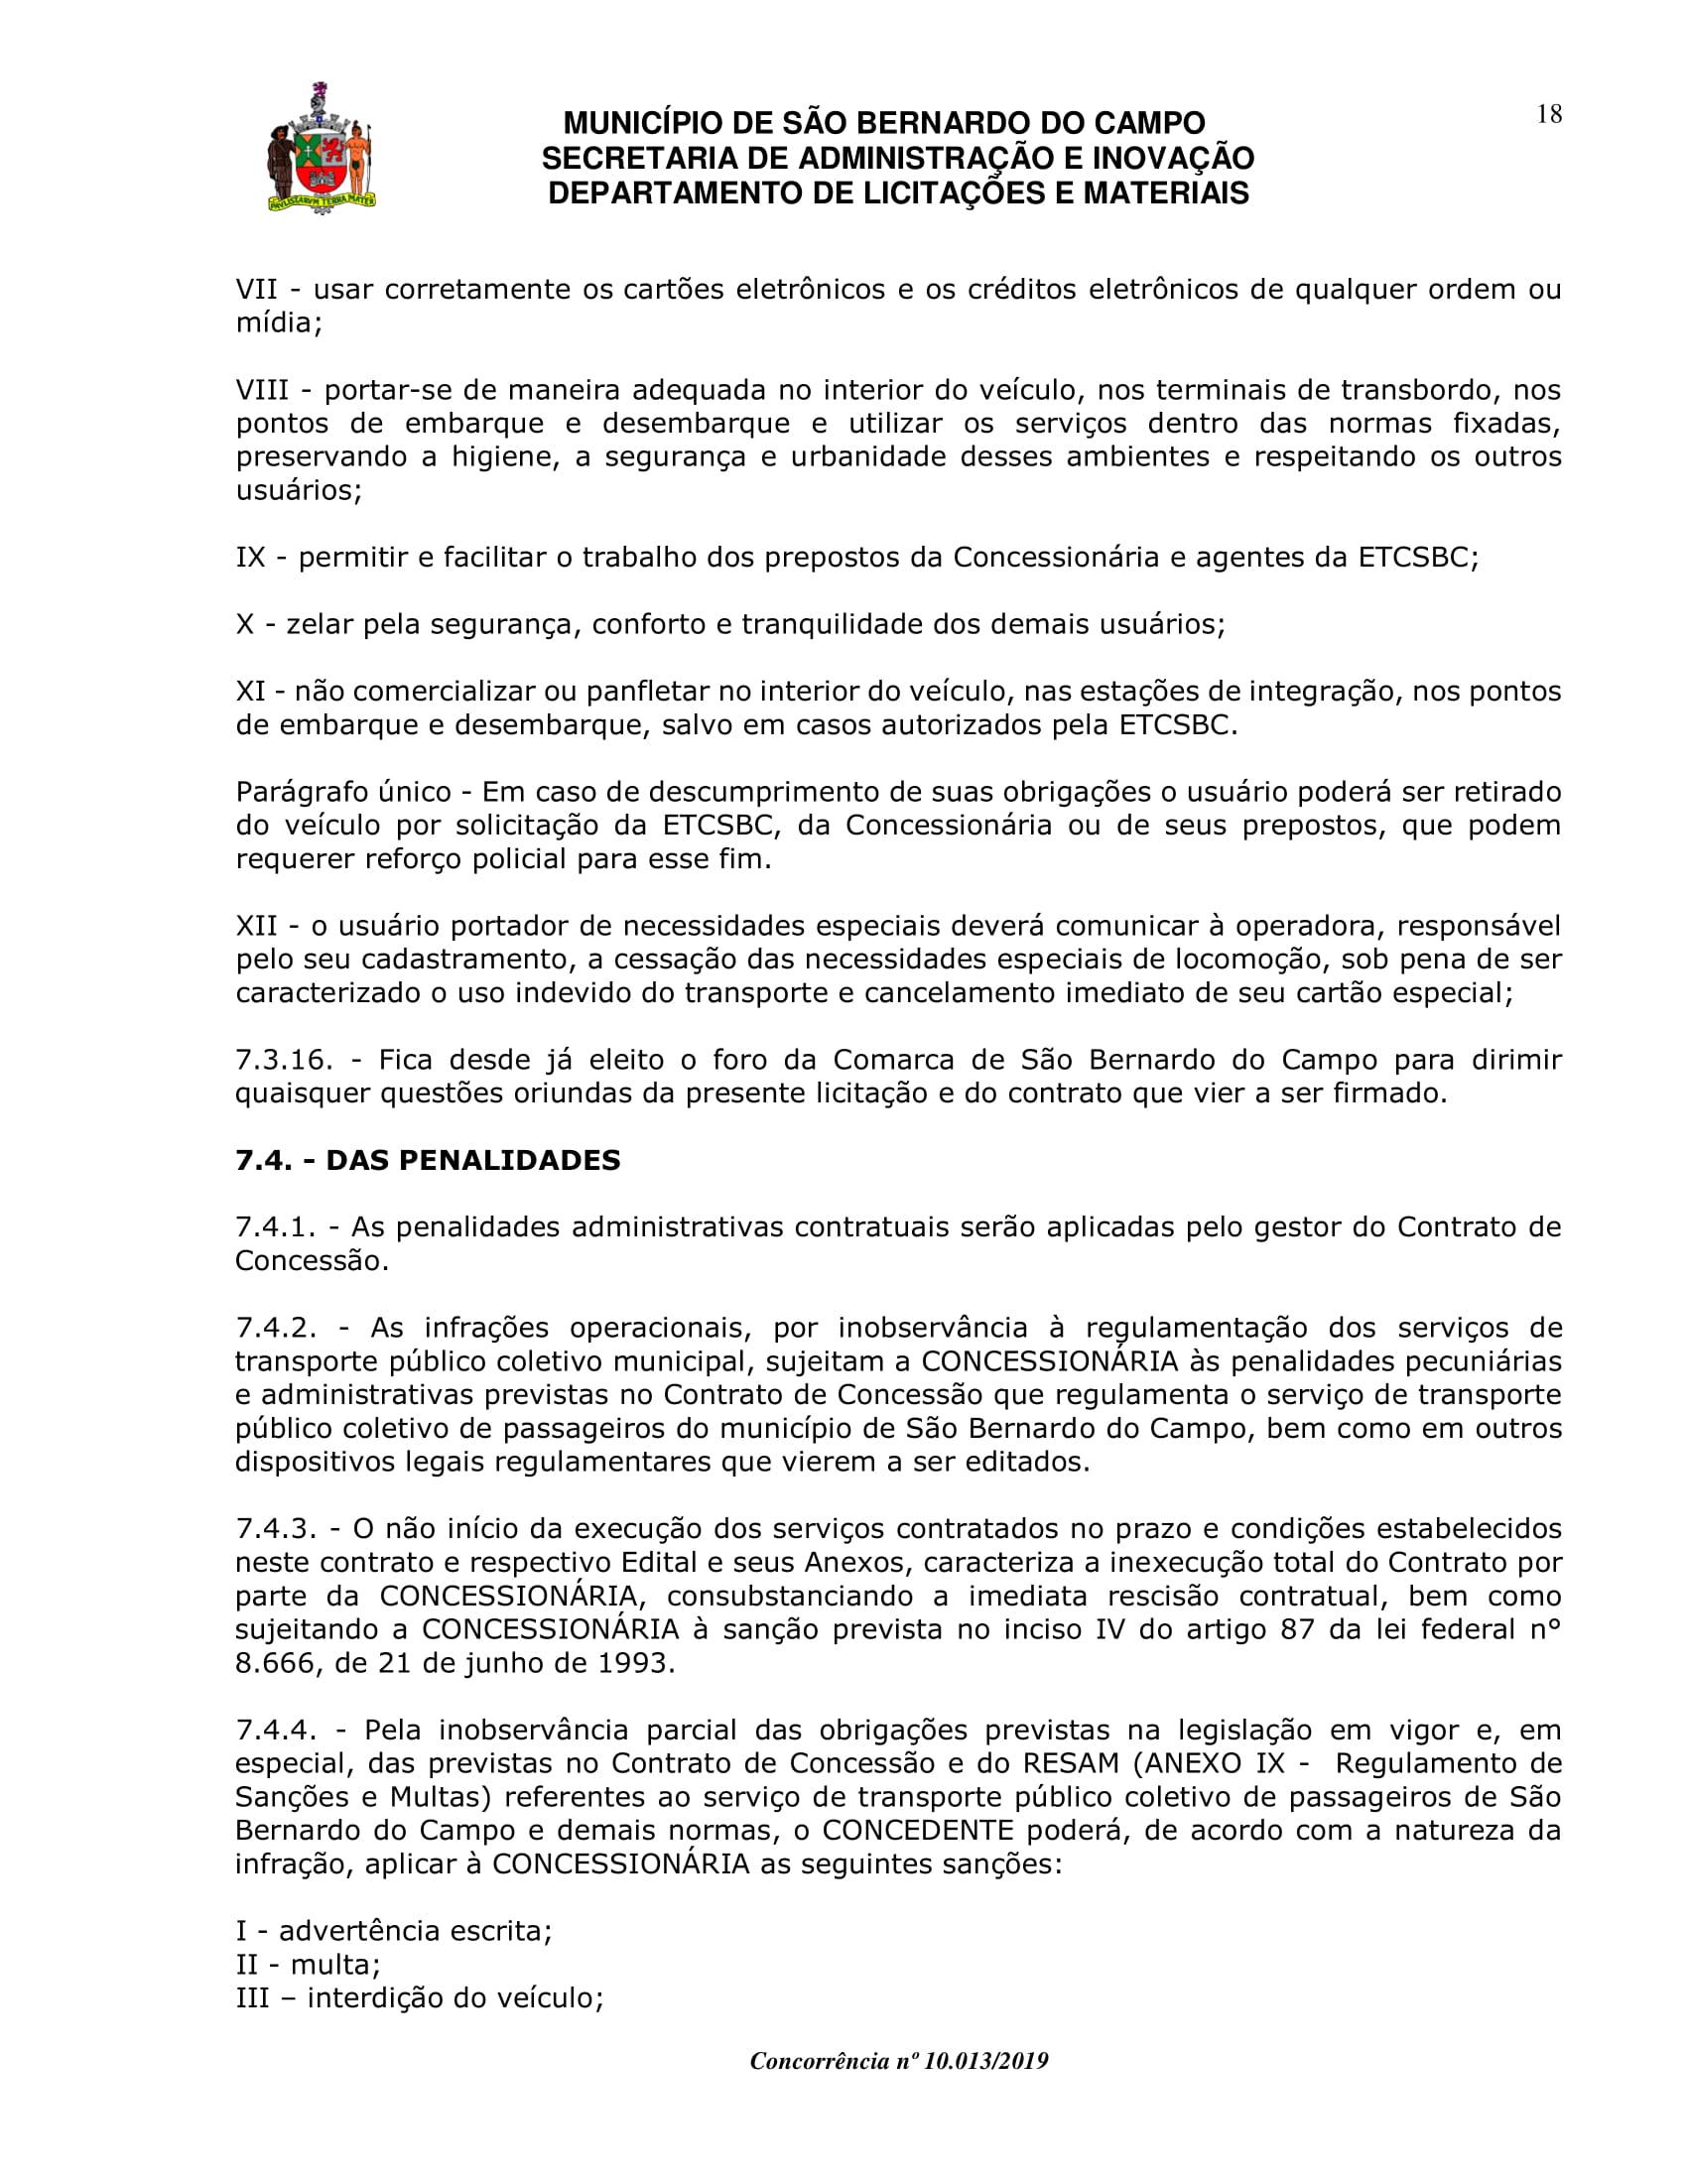 CP.10.013-19 edital-18